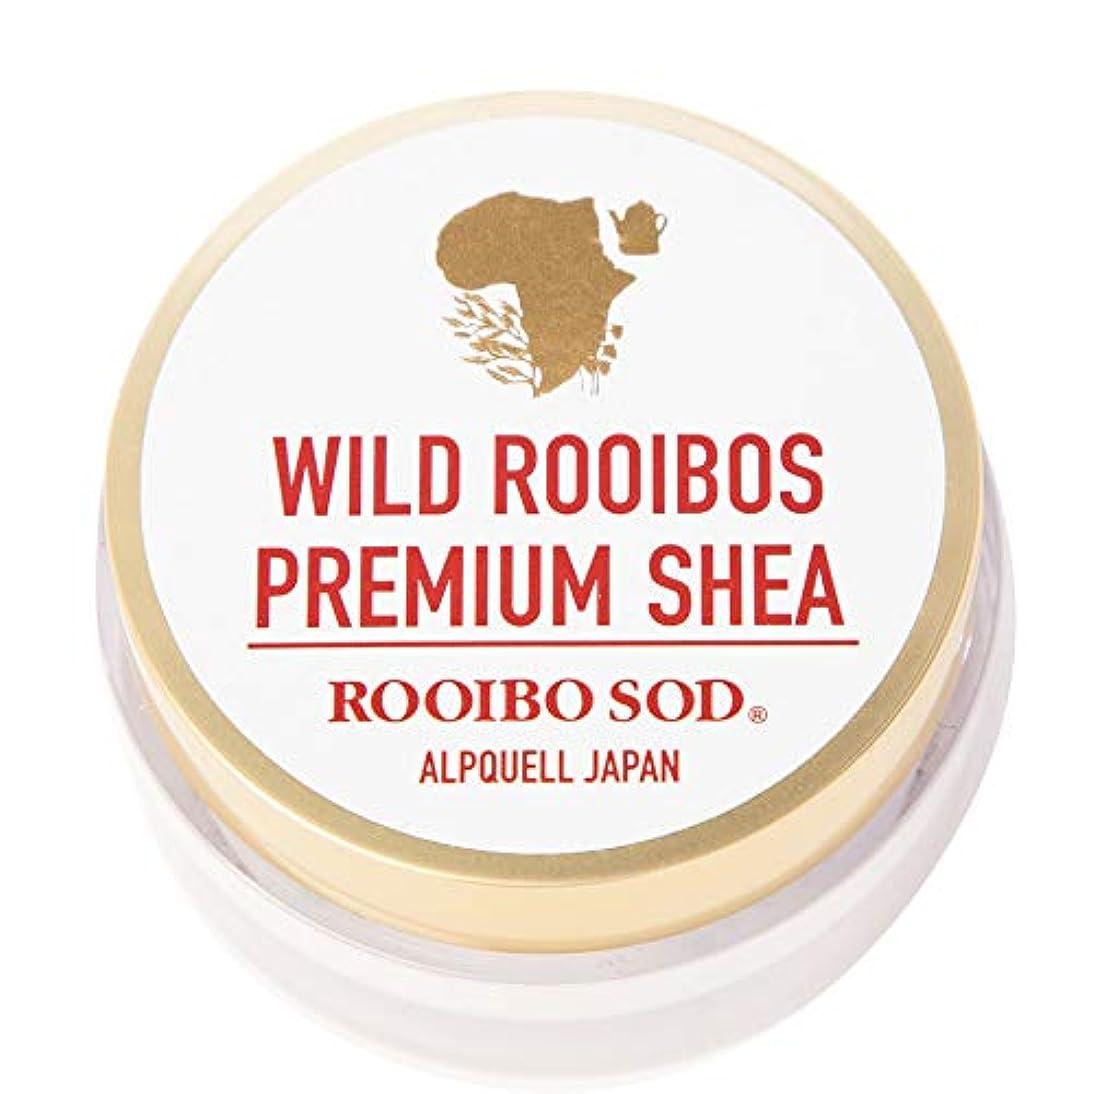 スキニー局魅惑的なROOIBO SOD ルイボソード プレミアムシアクリーム シア脂 ルイボスエキス配合 無添加、天然成分100%